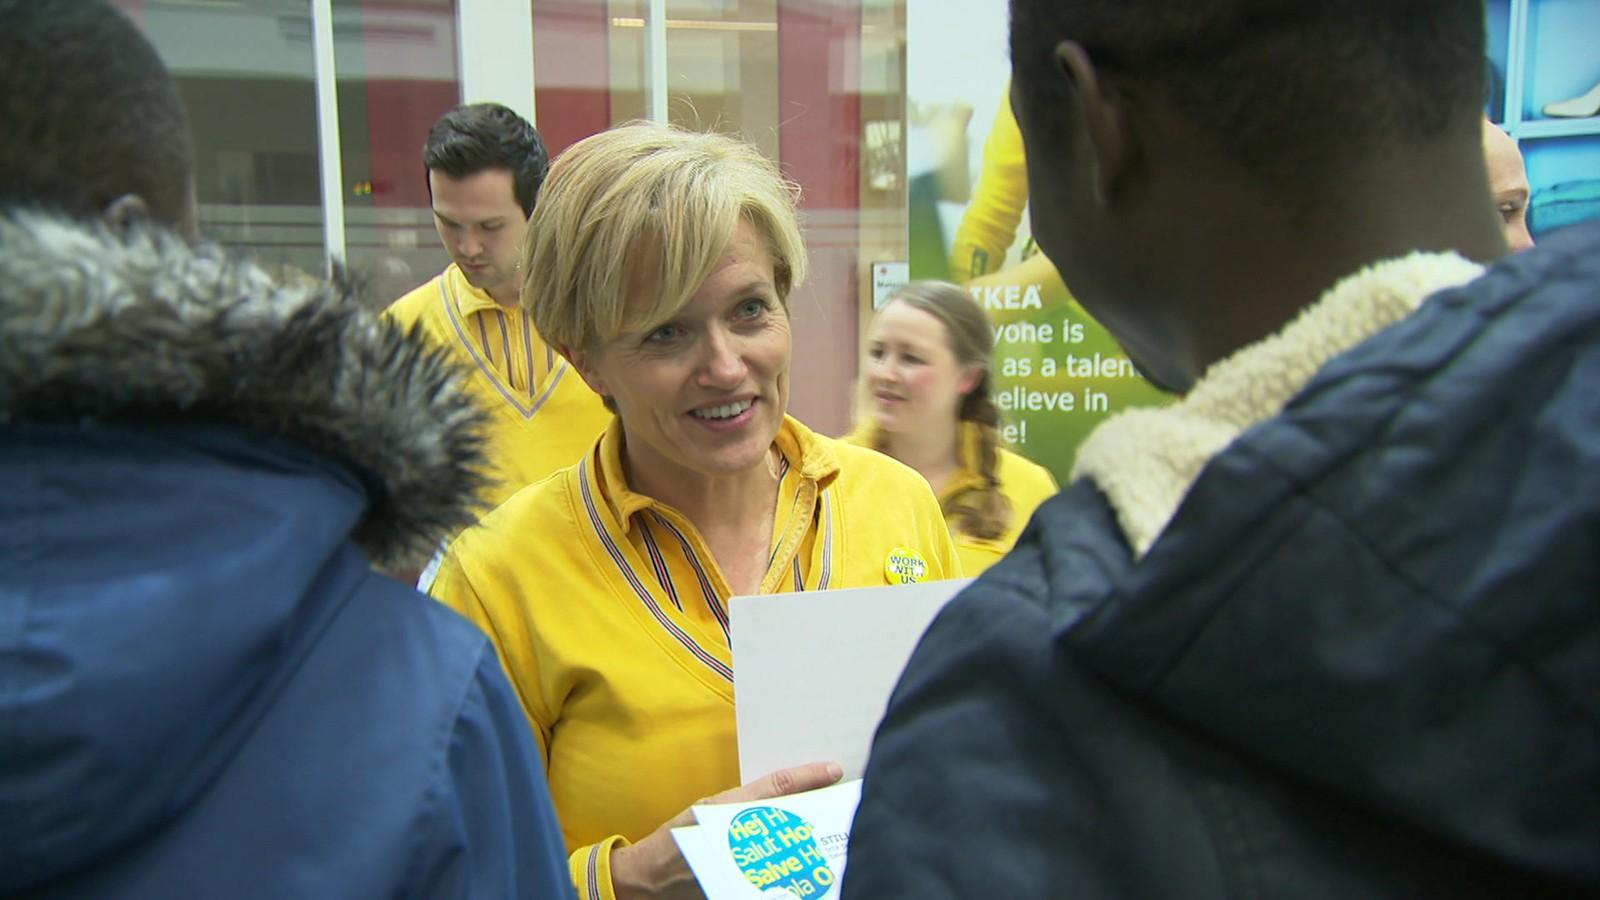 Personalsjef Merethe Konningen ved IKEA Sørlandet forteller hva hun forventer av sommerjobbsøkere.